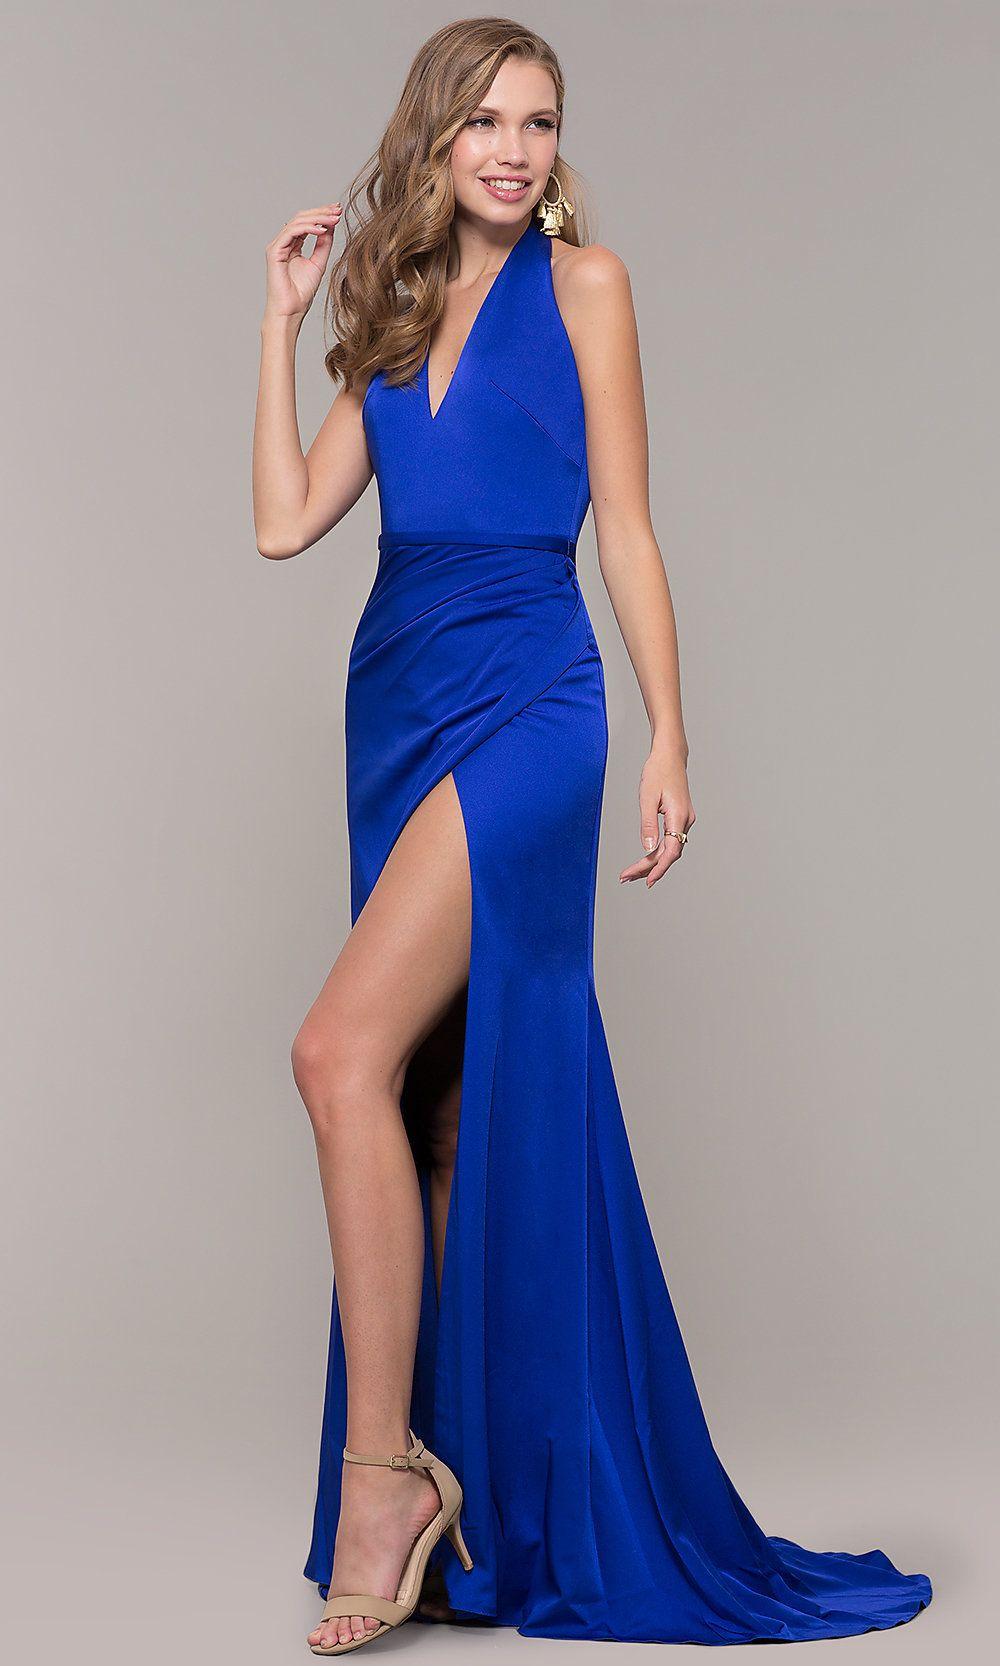 b33d7cf5e5b5 Side-Slit V-Neck Halter Long Prom Dress in 2019 | prom inspiration ...